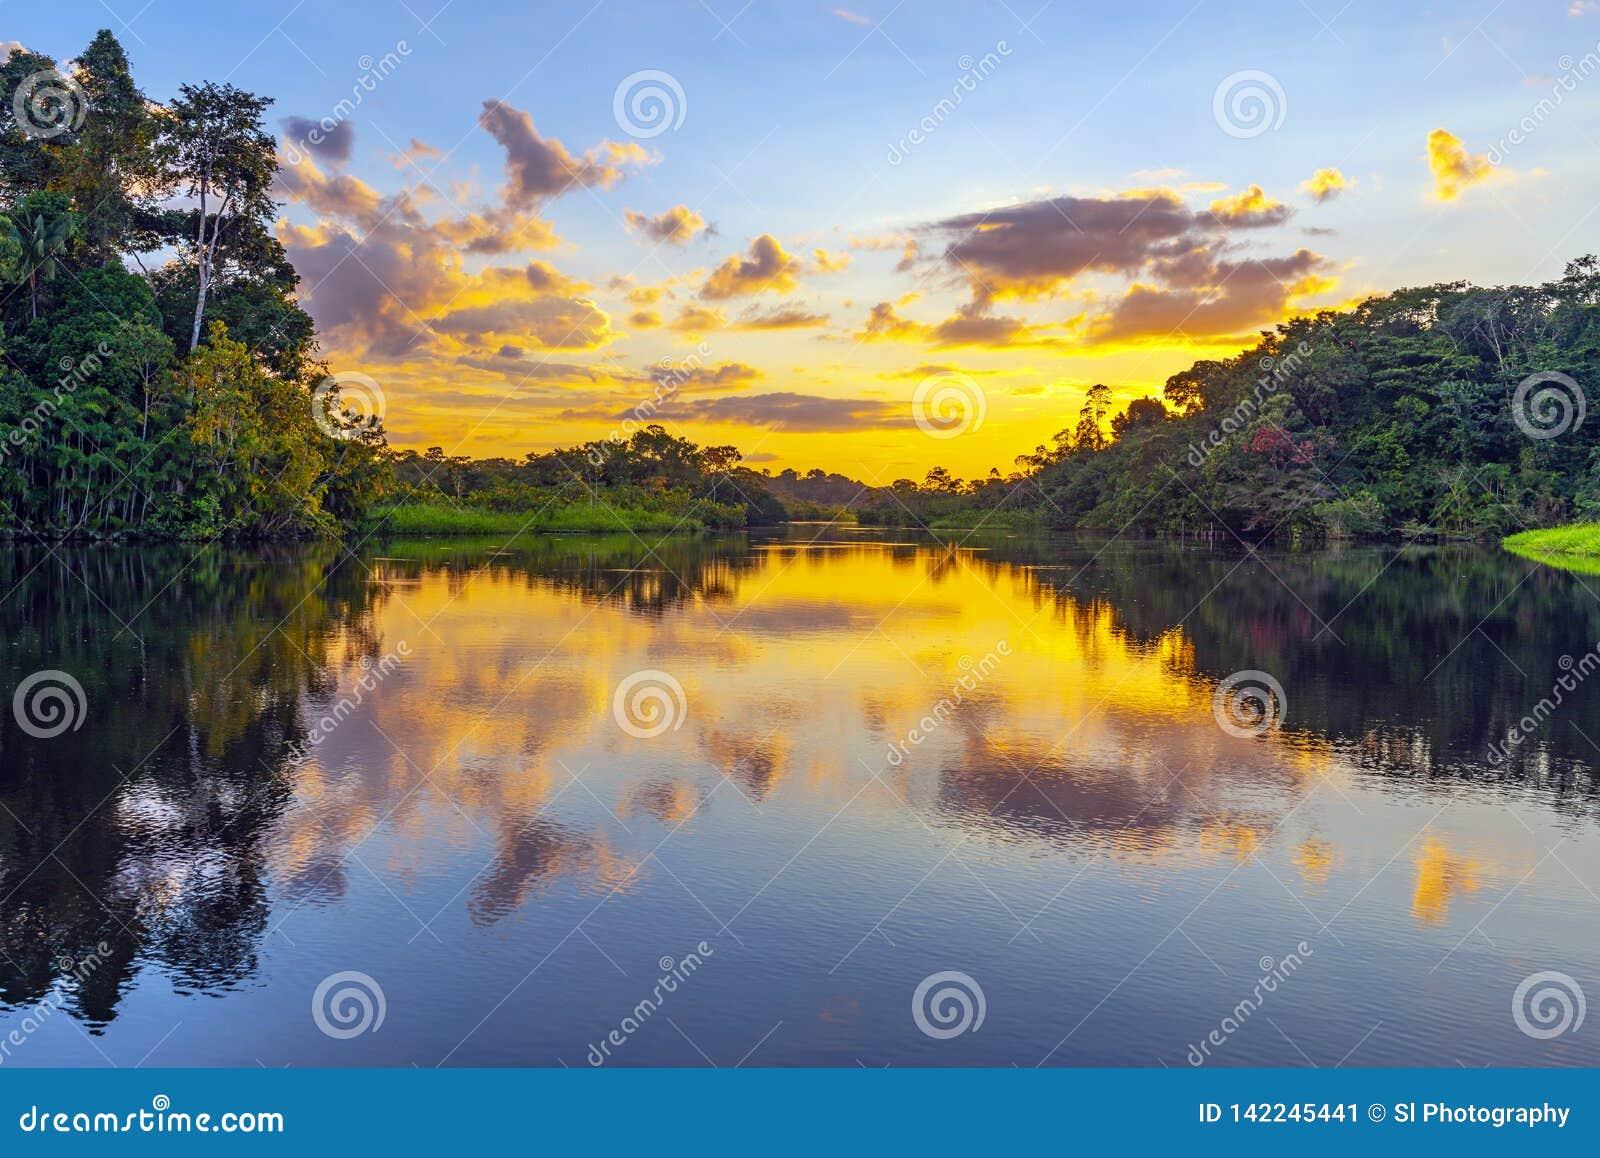 Ηλιοβασίλεμα τροπικών δασών του Αμαζονίου, Νότια Αμερική